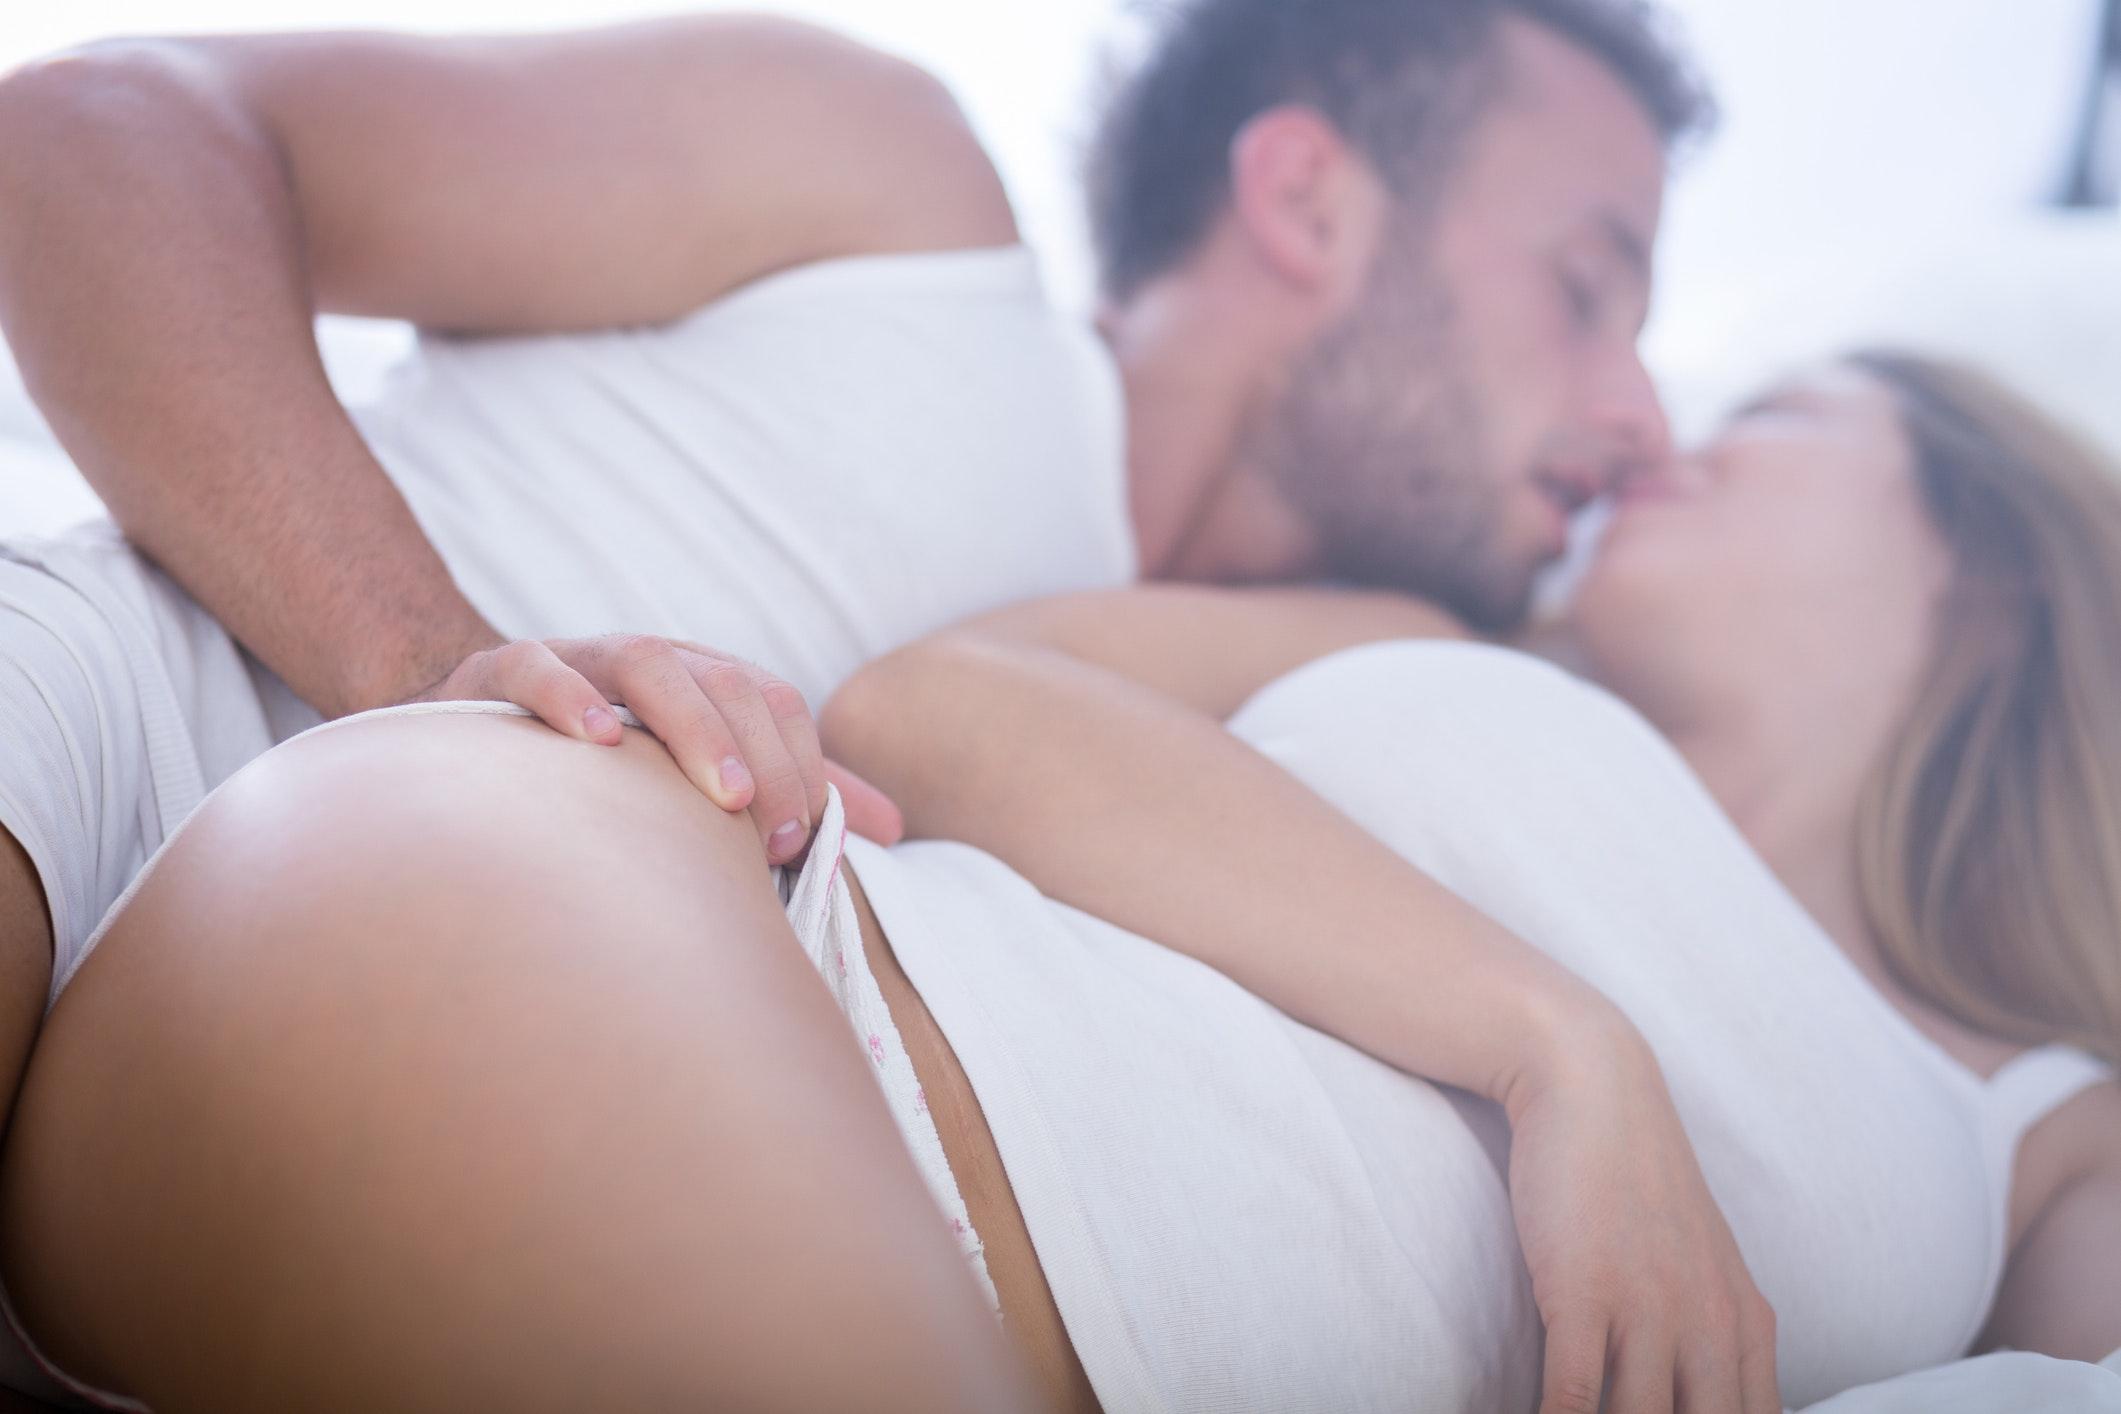 sm sex video frække mms billeder